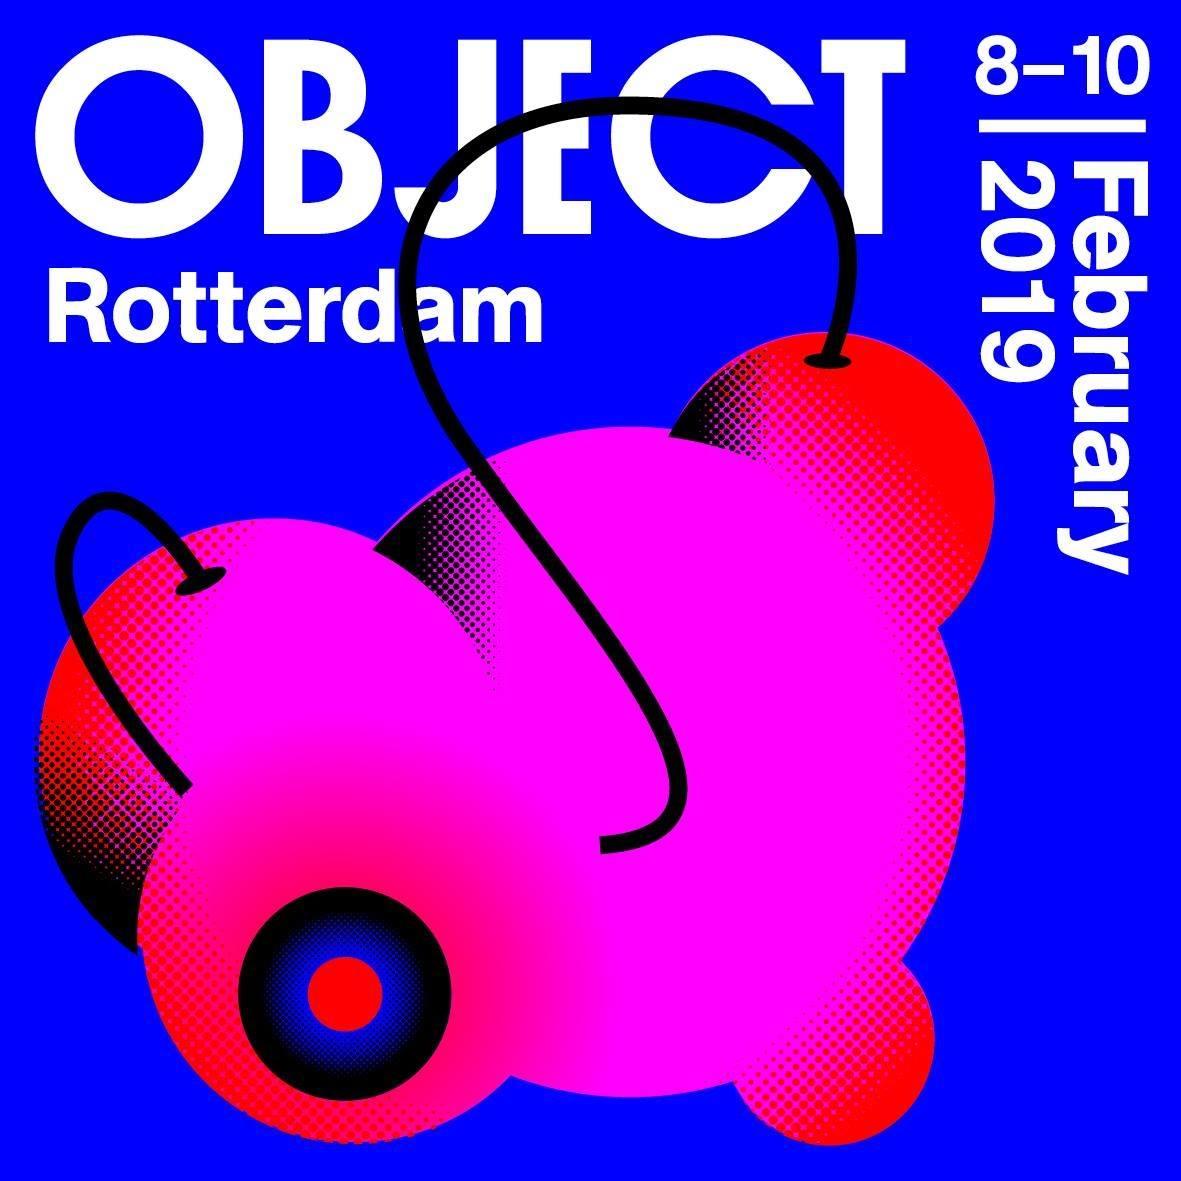 Object Rotterdam Rotterdam